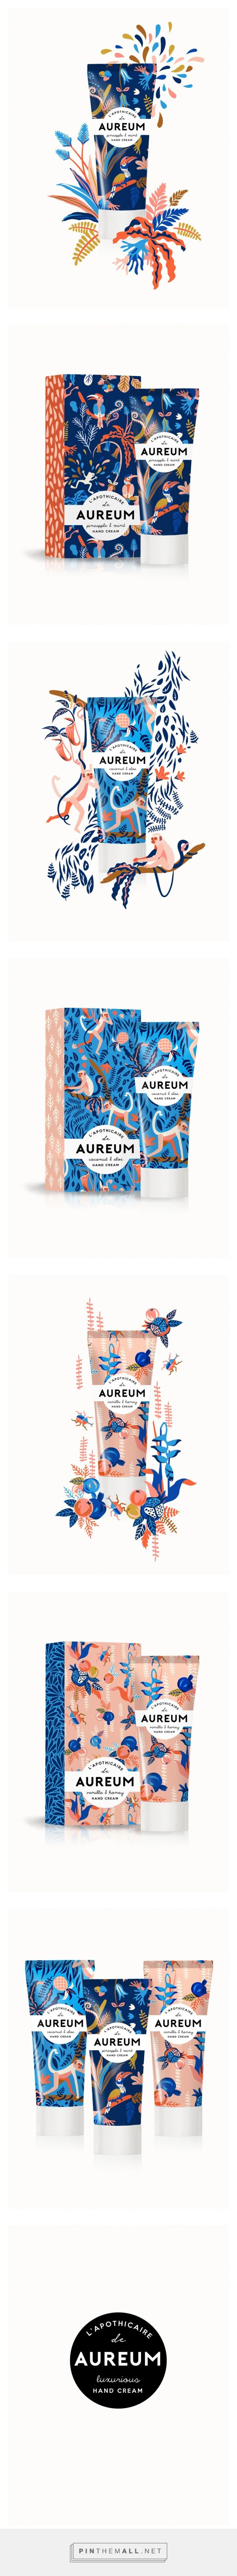 L'apothicaire de Aureum / cosmetics by Mei Tan